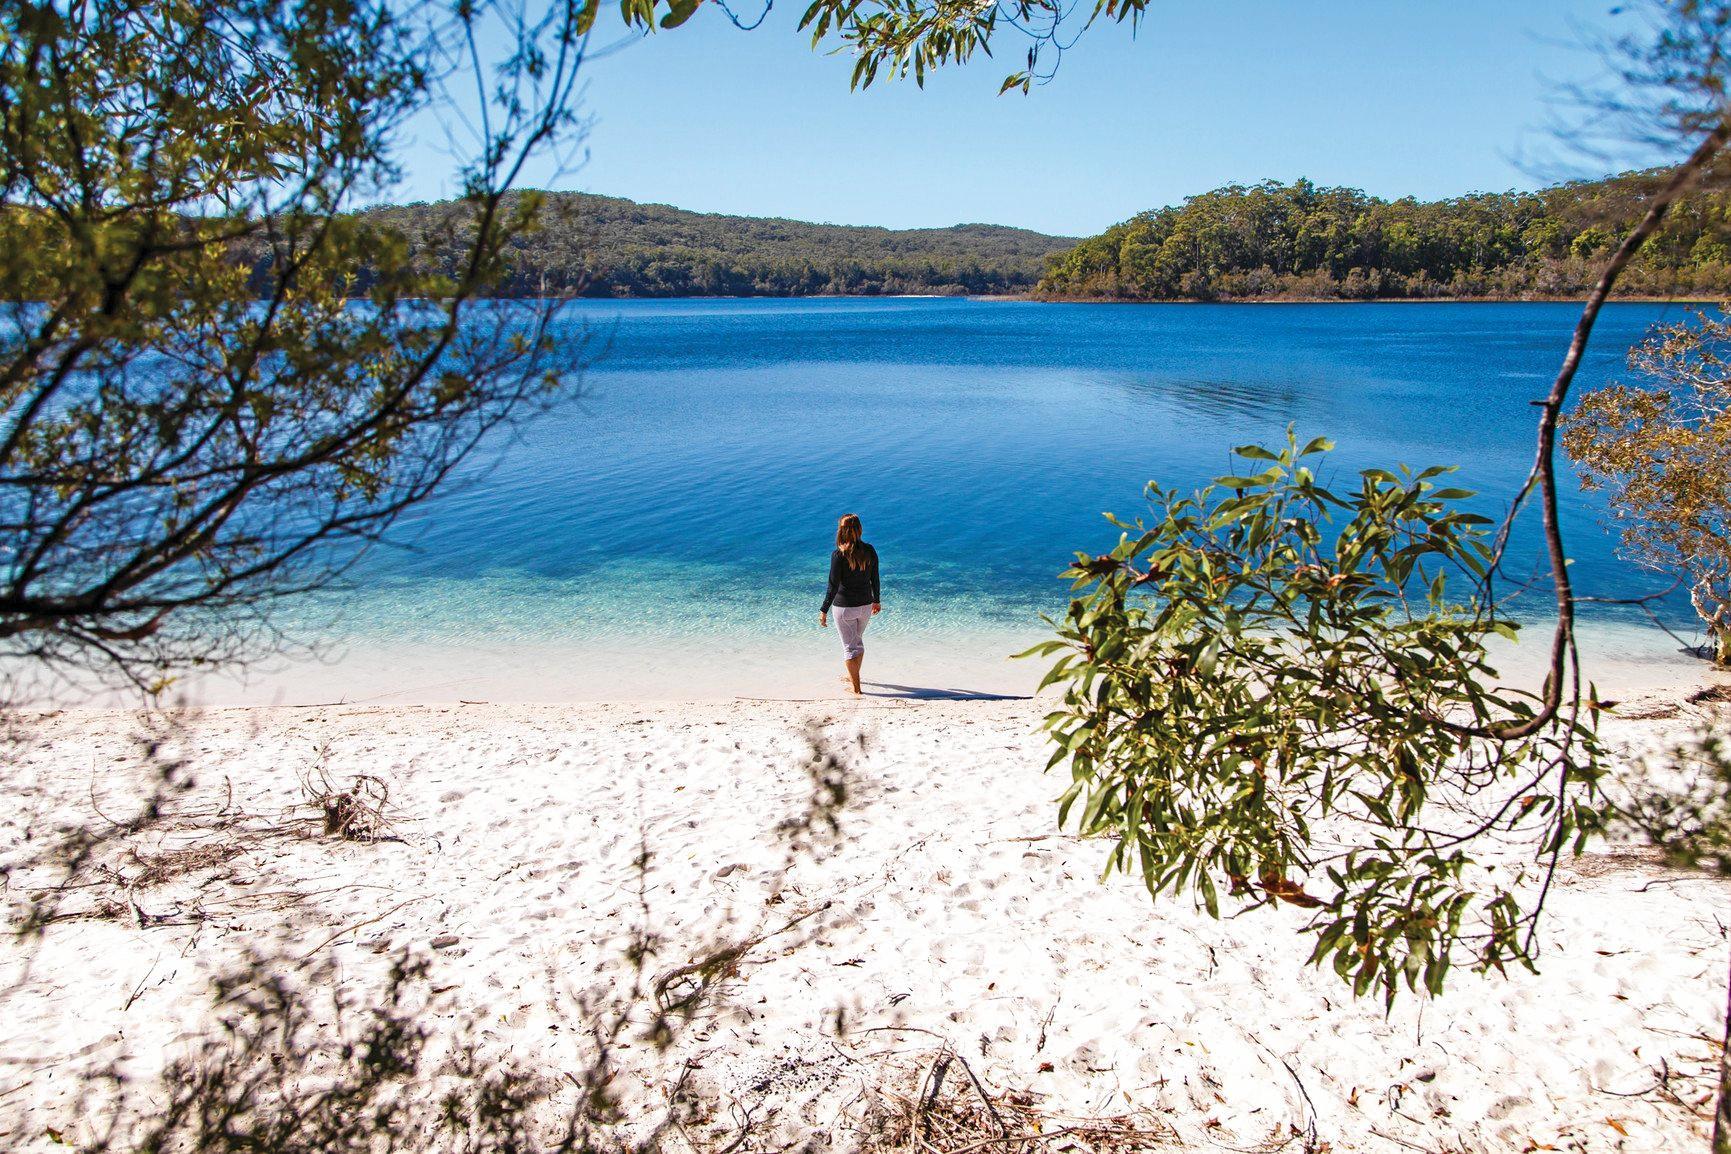 Lake Mackenzie at Fraser Island.